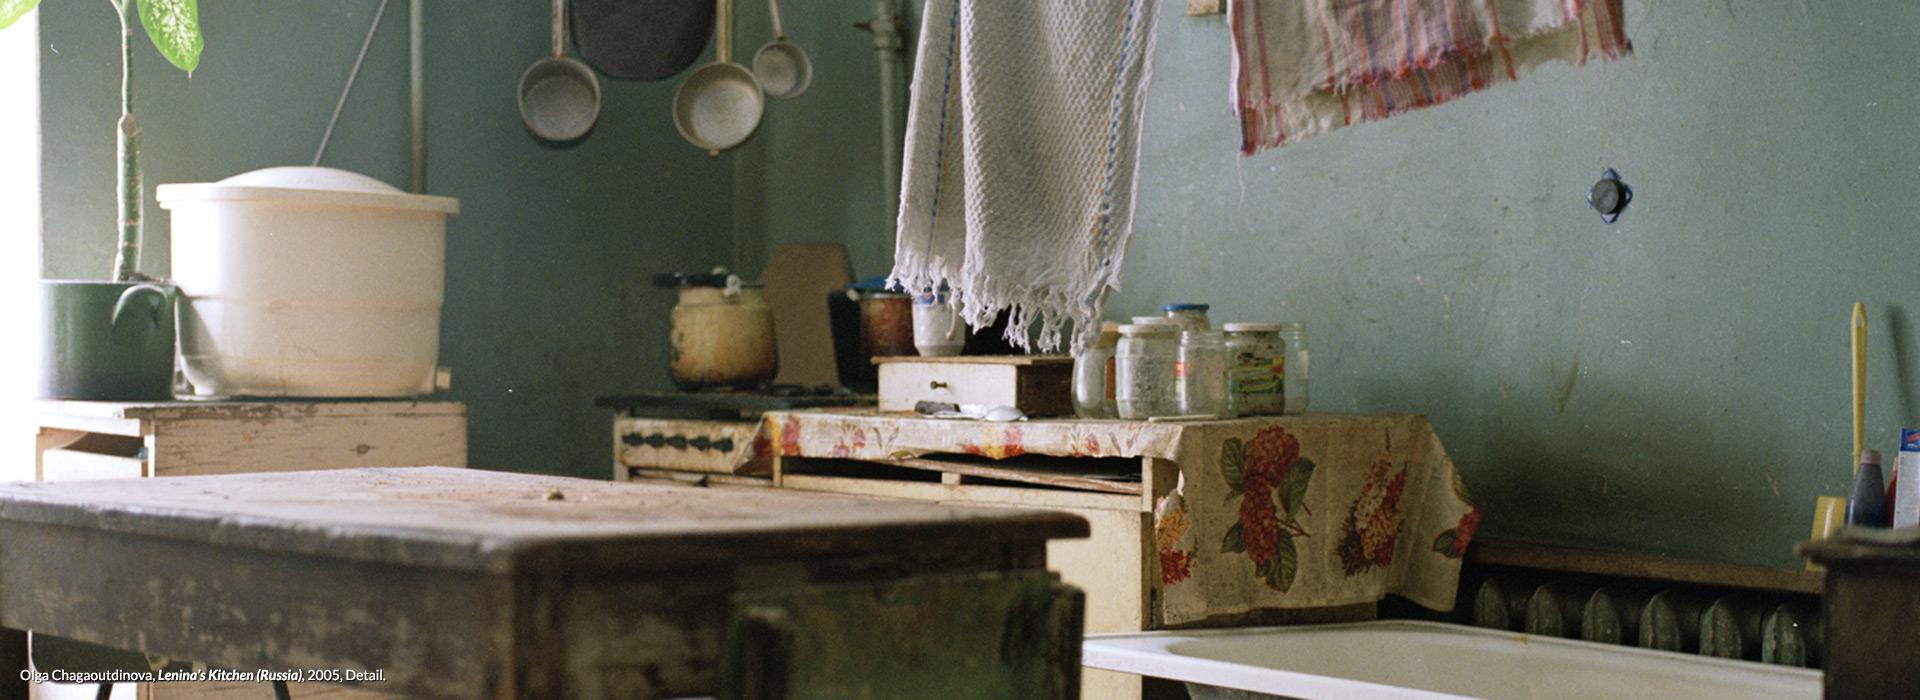 Olga Chagaoutdinova, Lenina's Kitchen (Russia) (2005)